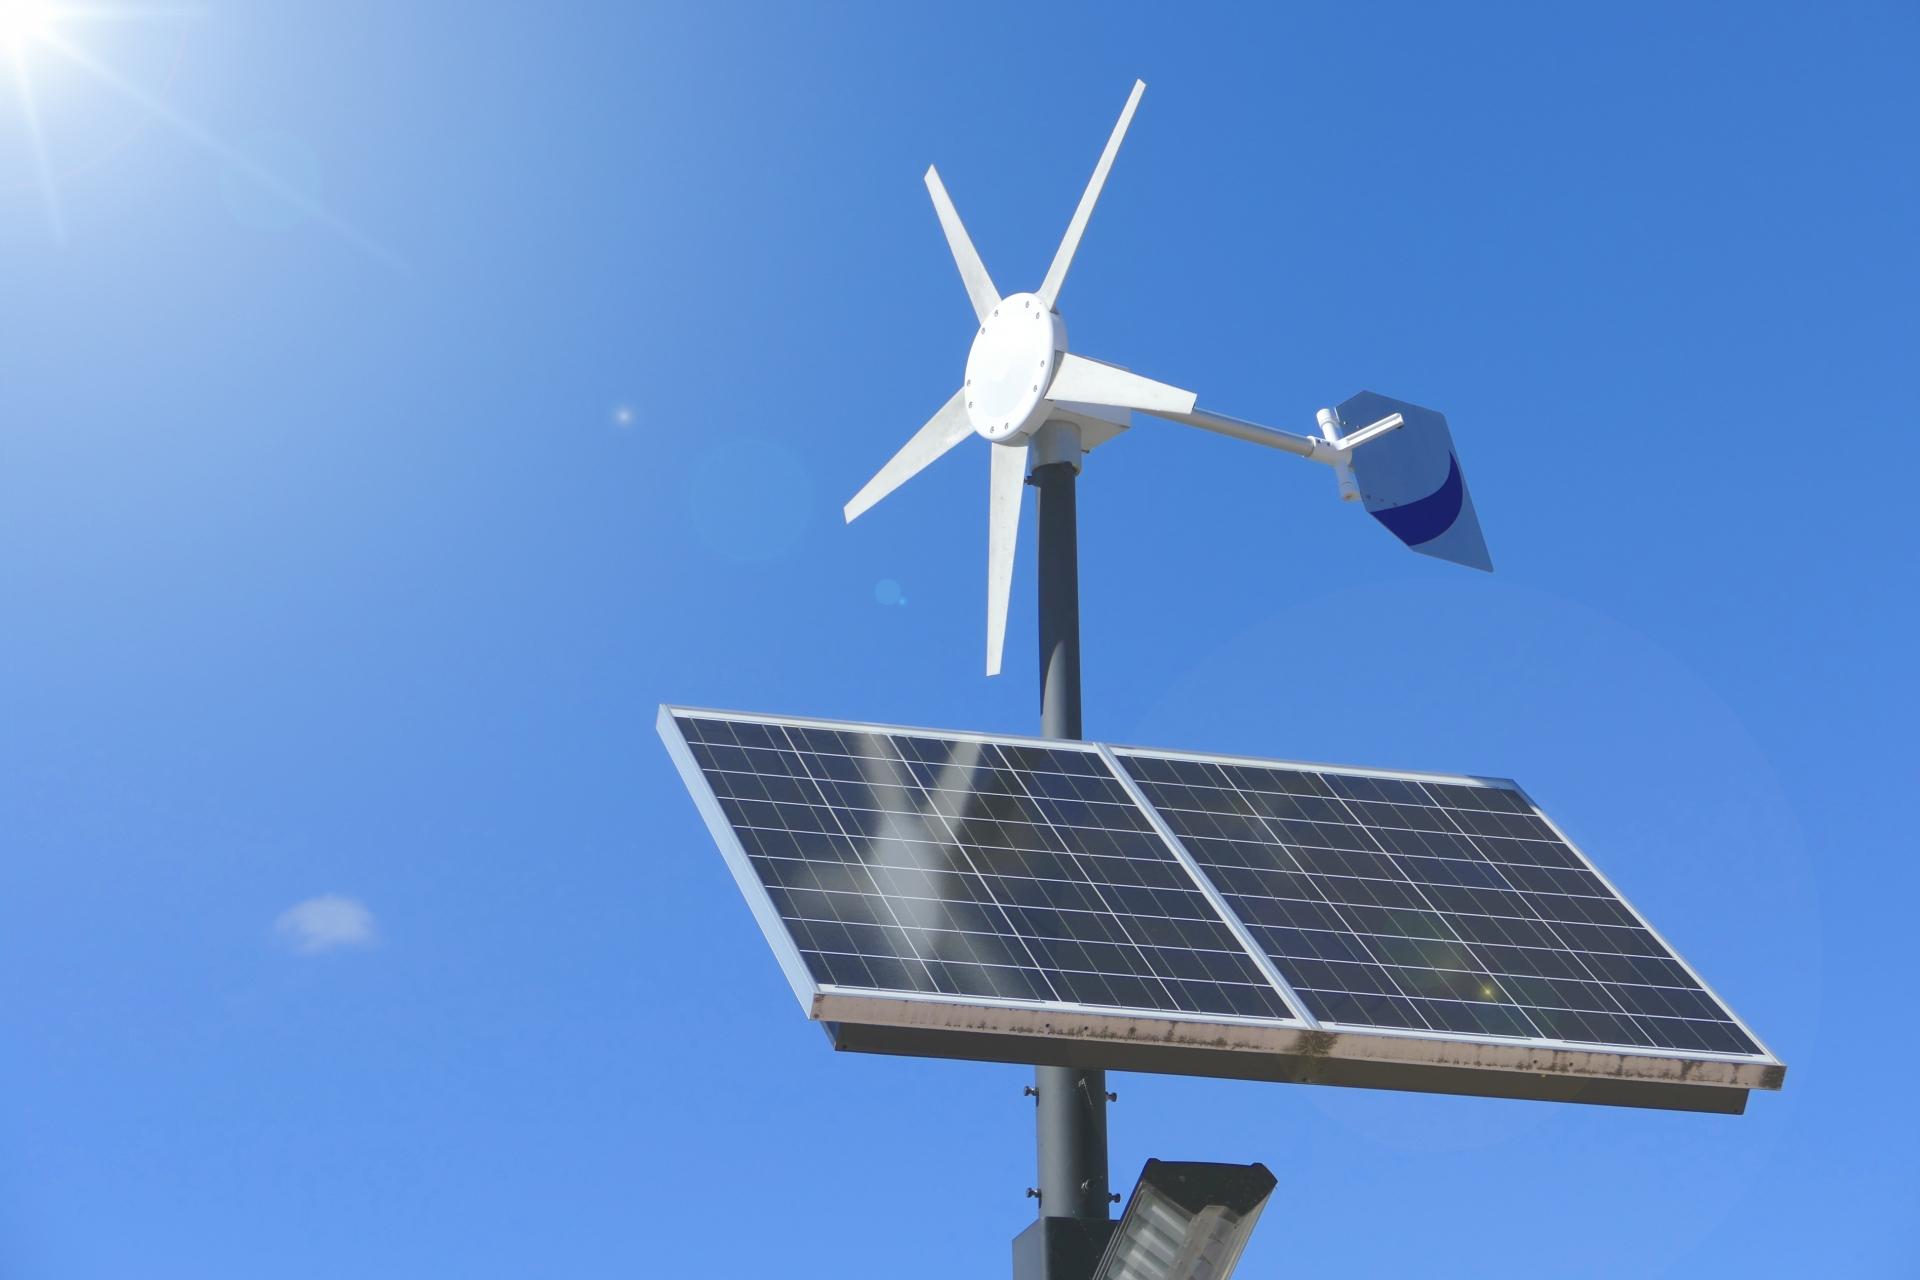 太陽光発電と風力発電のハイブリッド街路灯